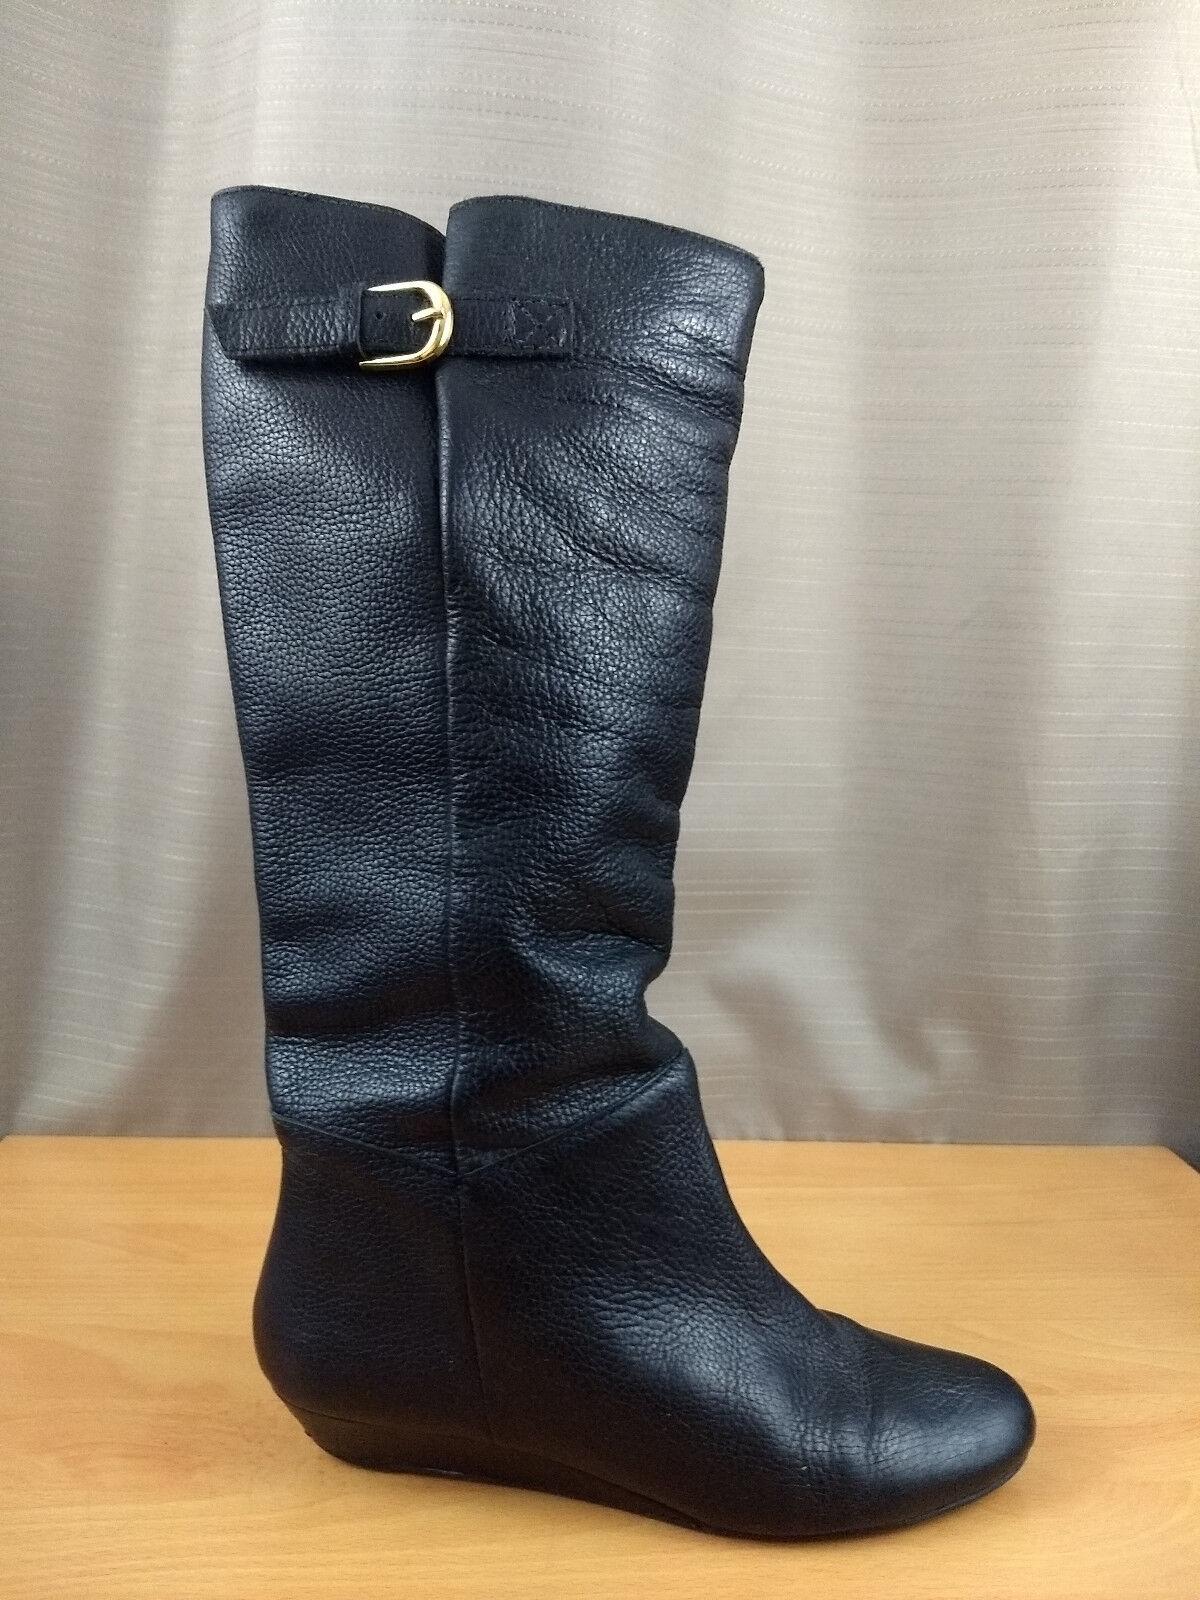 Aldo Black Knee Boots Platform Wedge Side Buckle Pull On Size 7